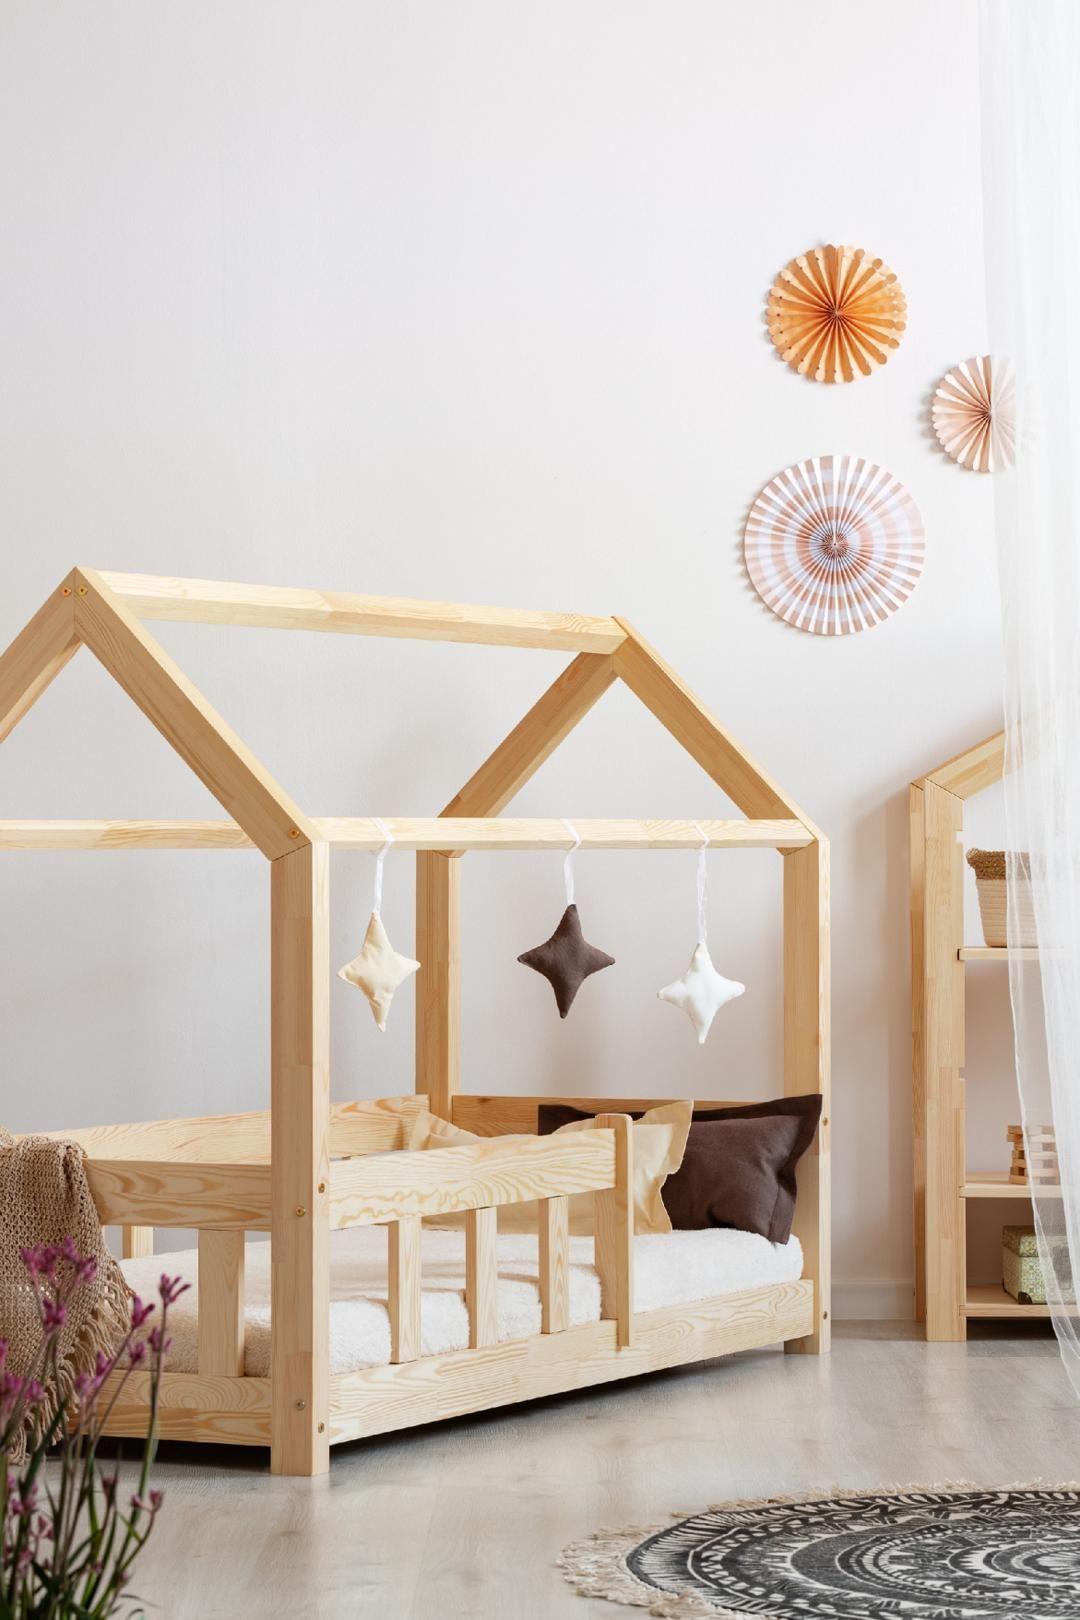 Epingle Par Emilie Herchuel Sur Lit Cabane Montessori En 2020